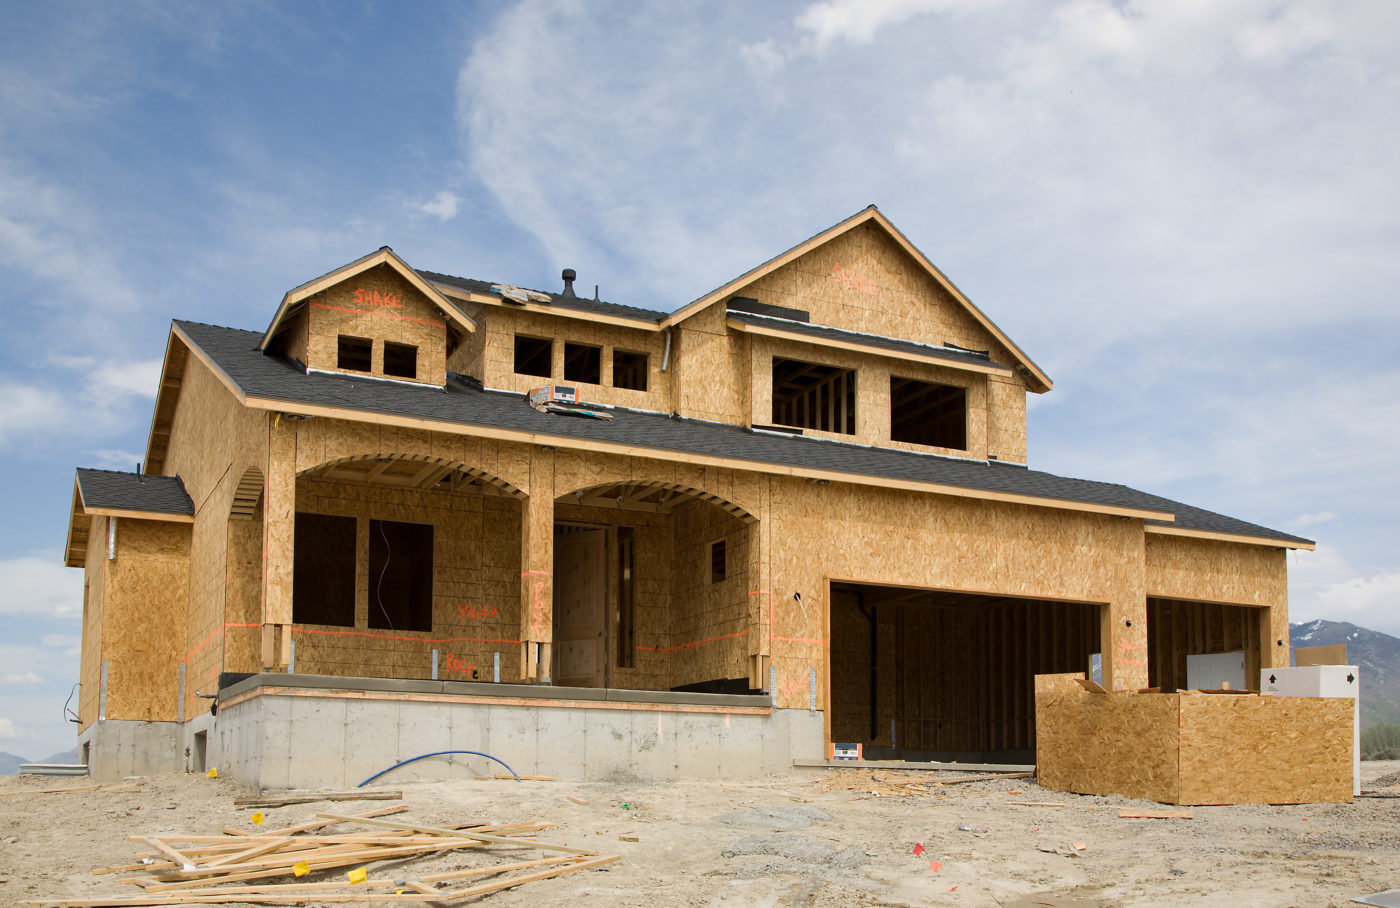 Residentual Home Construction